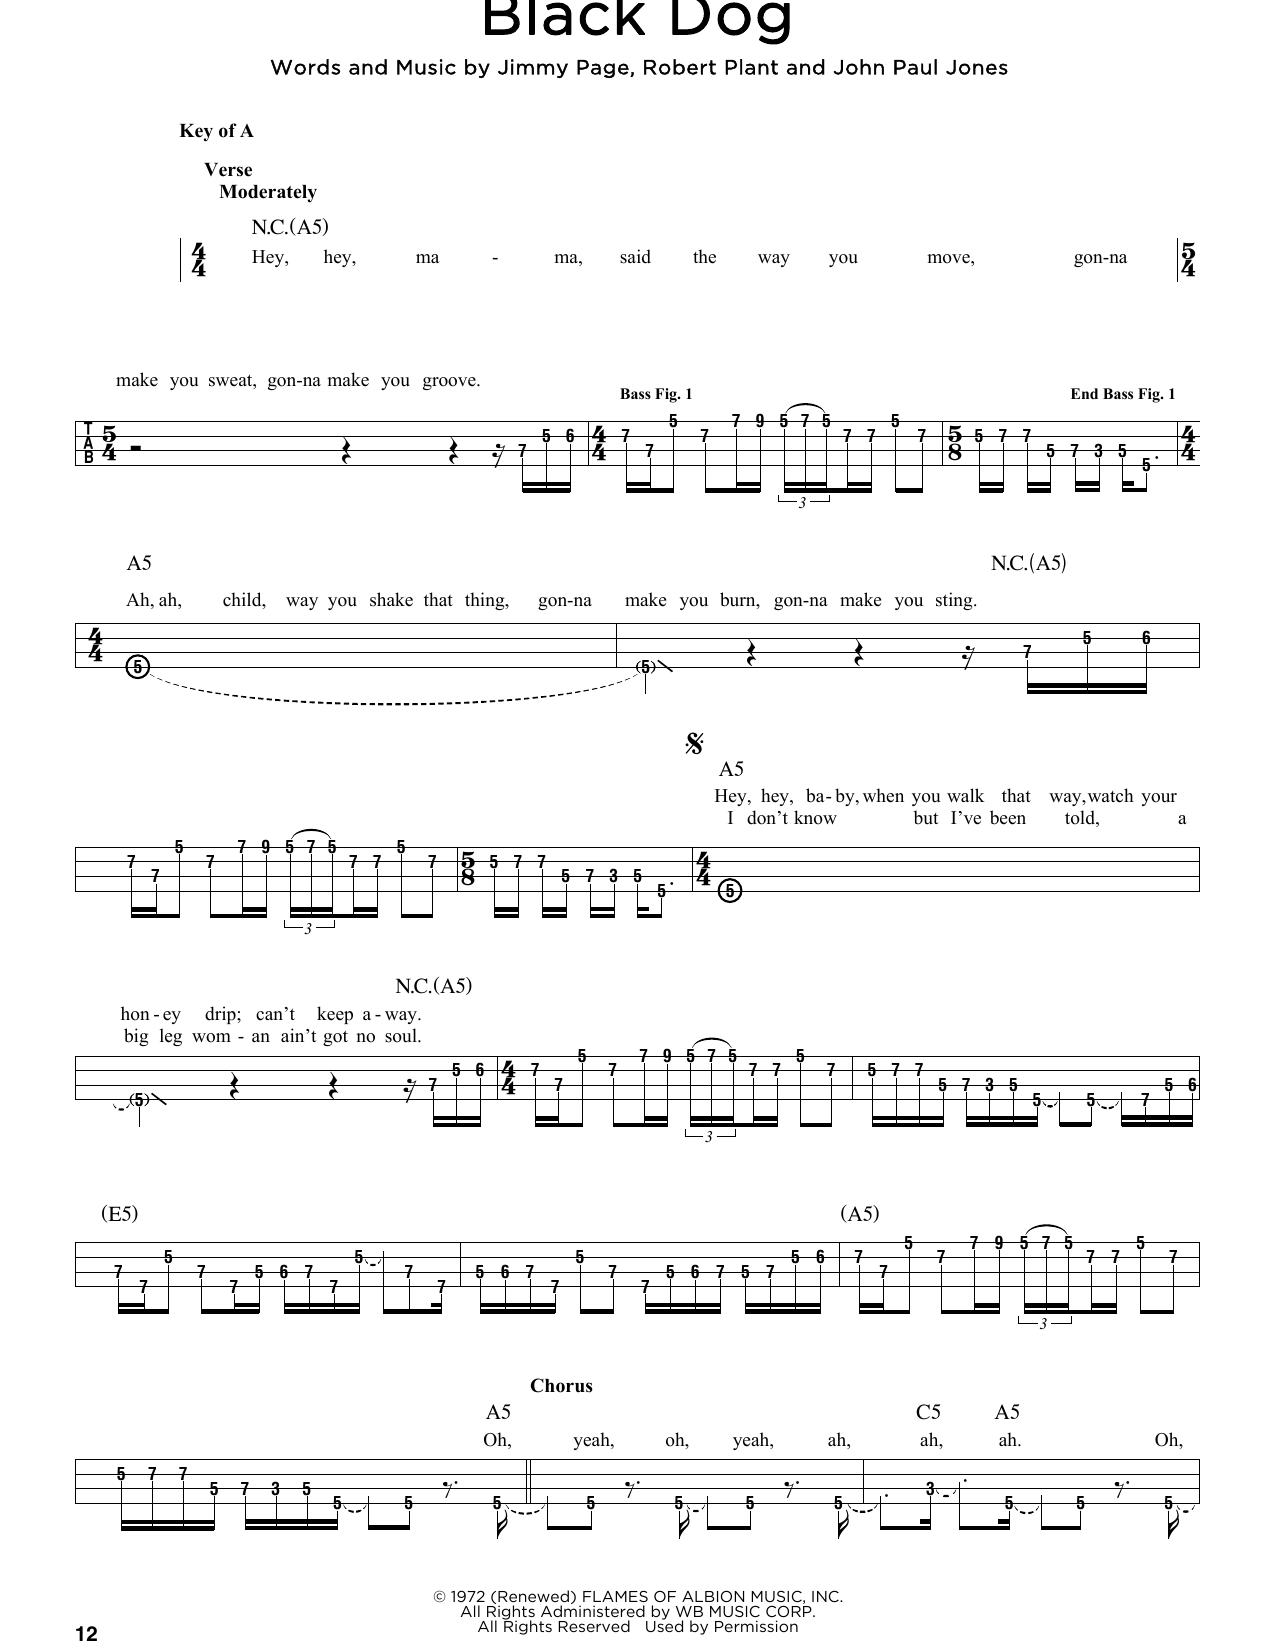 Black Dog Sheet Music